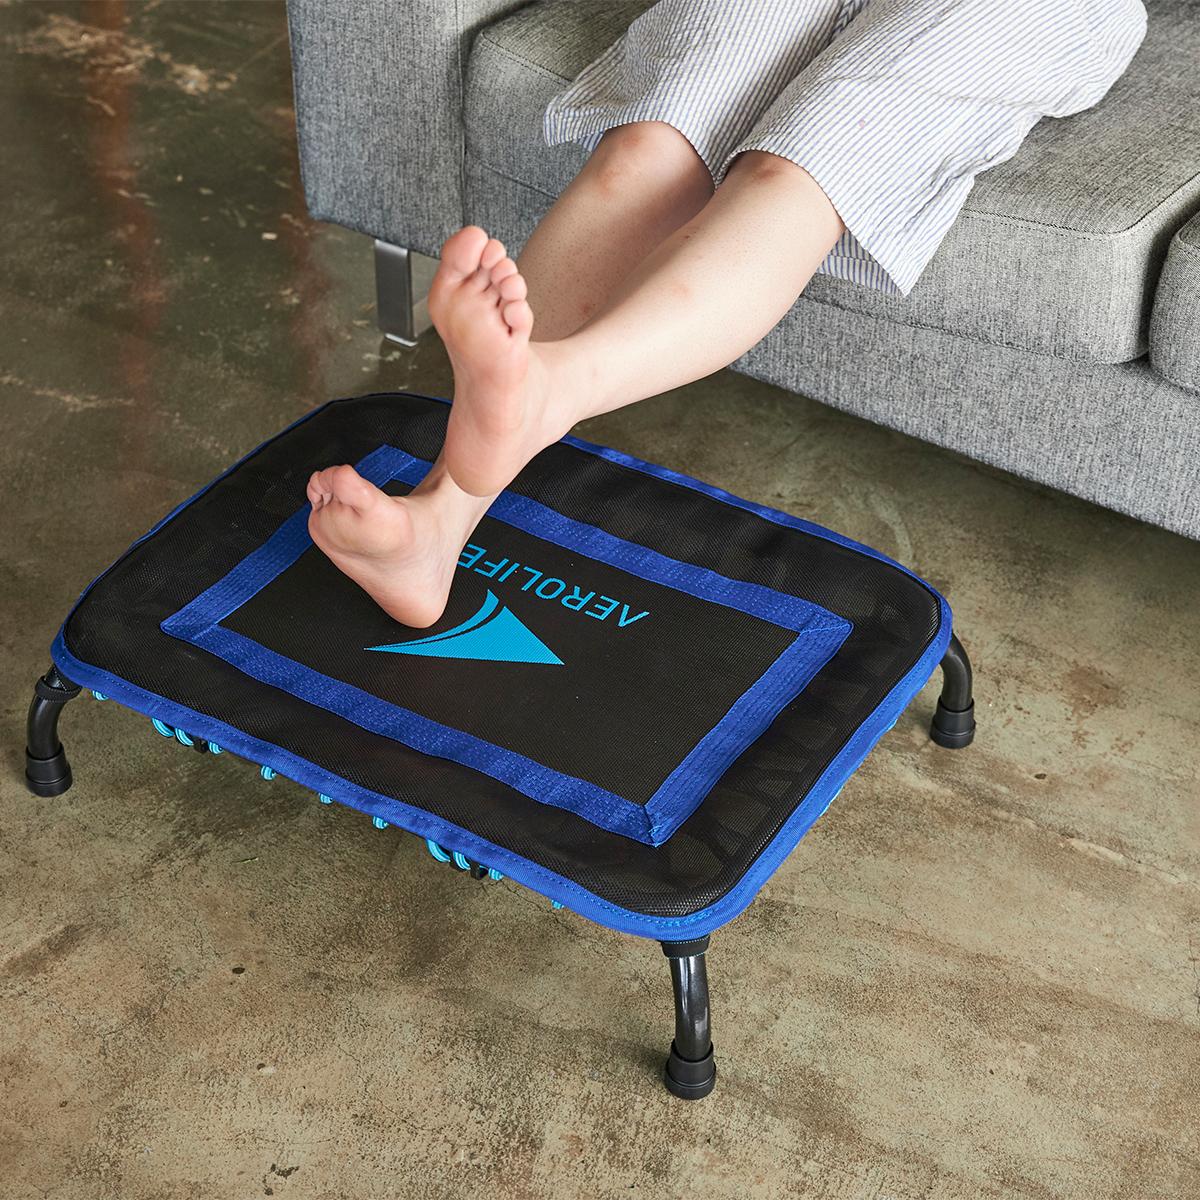 家で、仕事場で、トランポリンを使ったエクササイズで、自然と運動習慣が身につく。ミニサイズのトランポリン「ミニジャンパー」|AEROLIFE(エアロライフ)